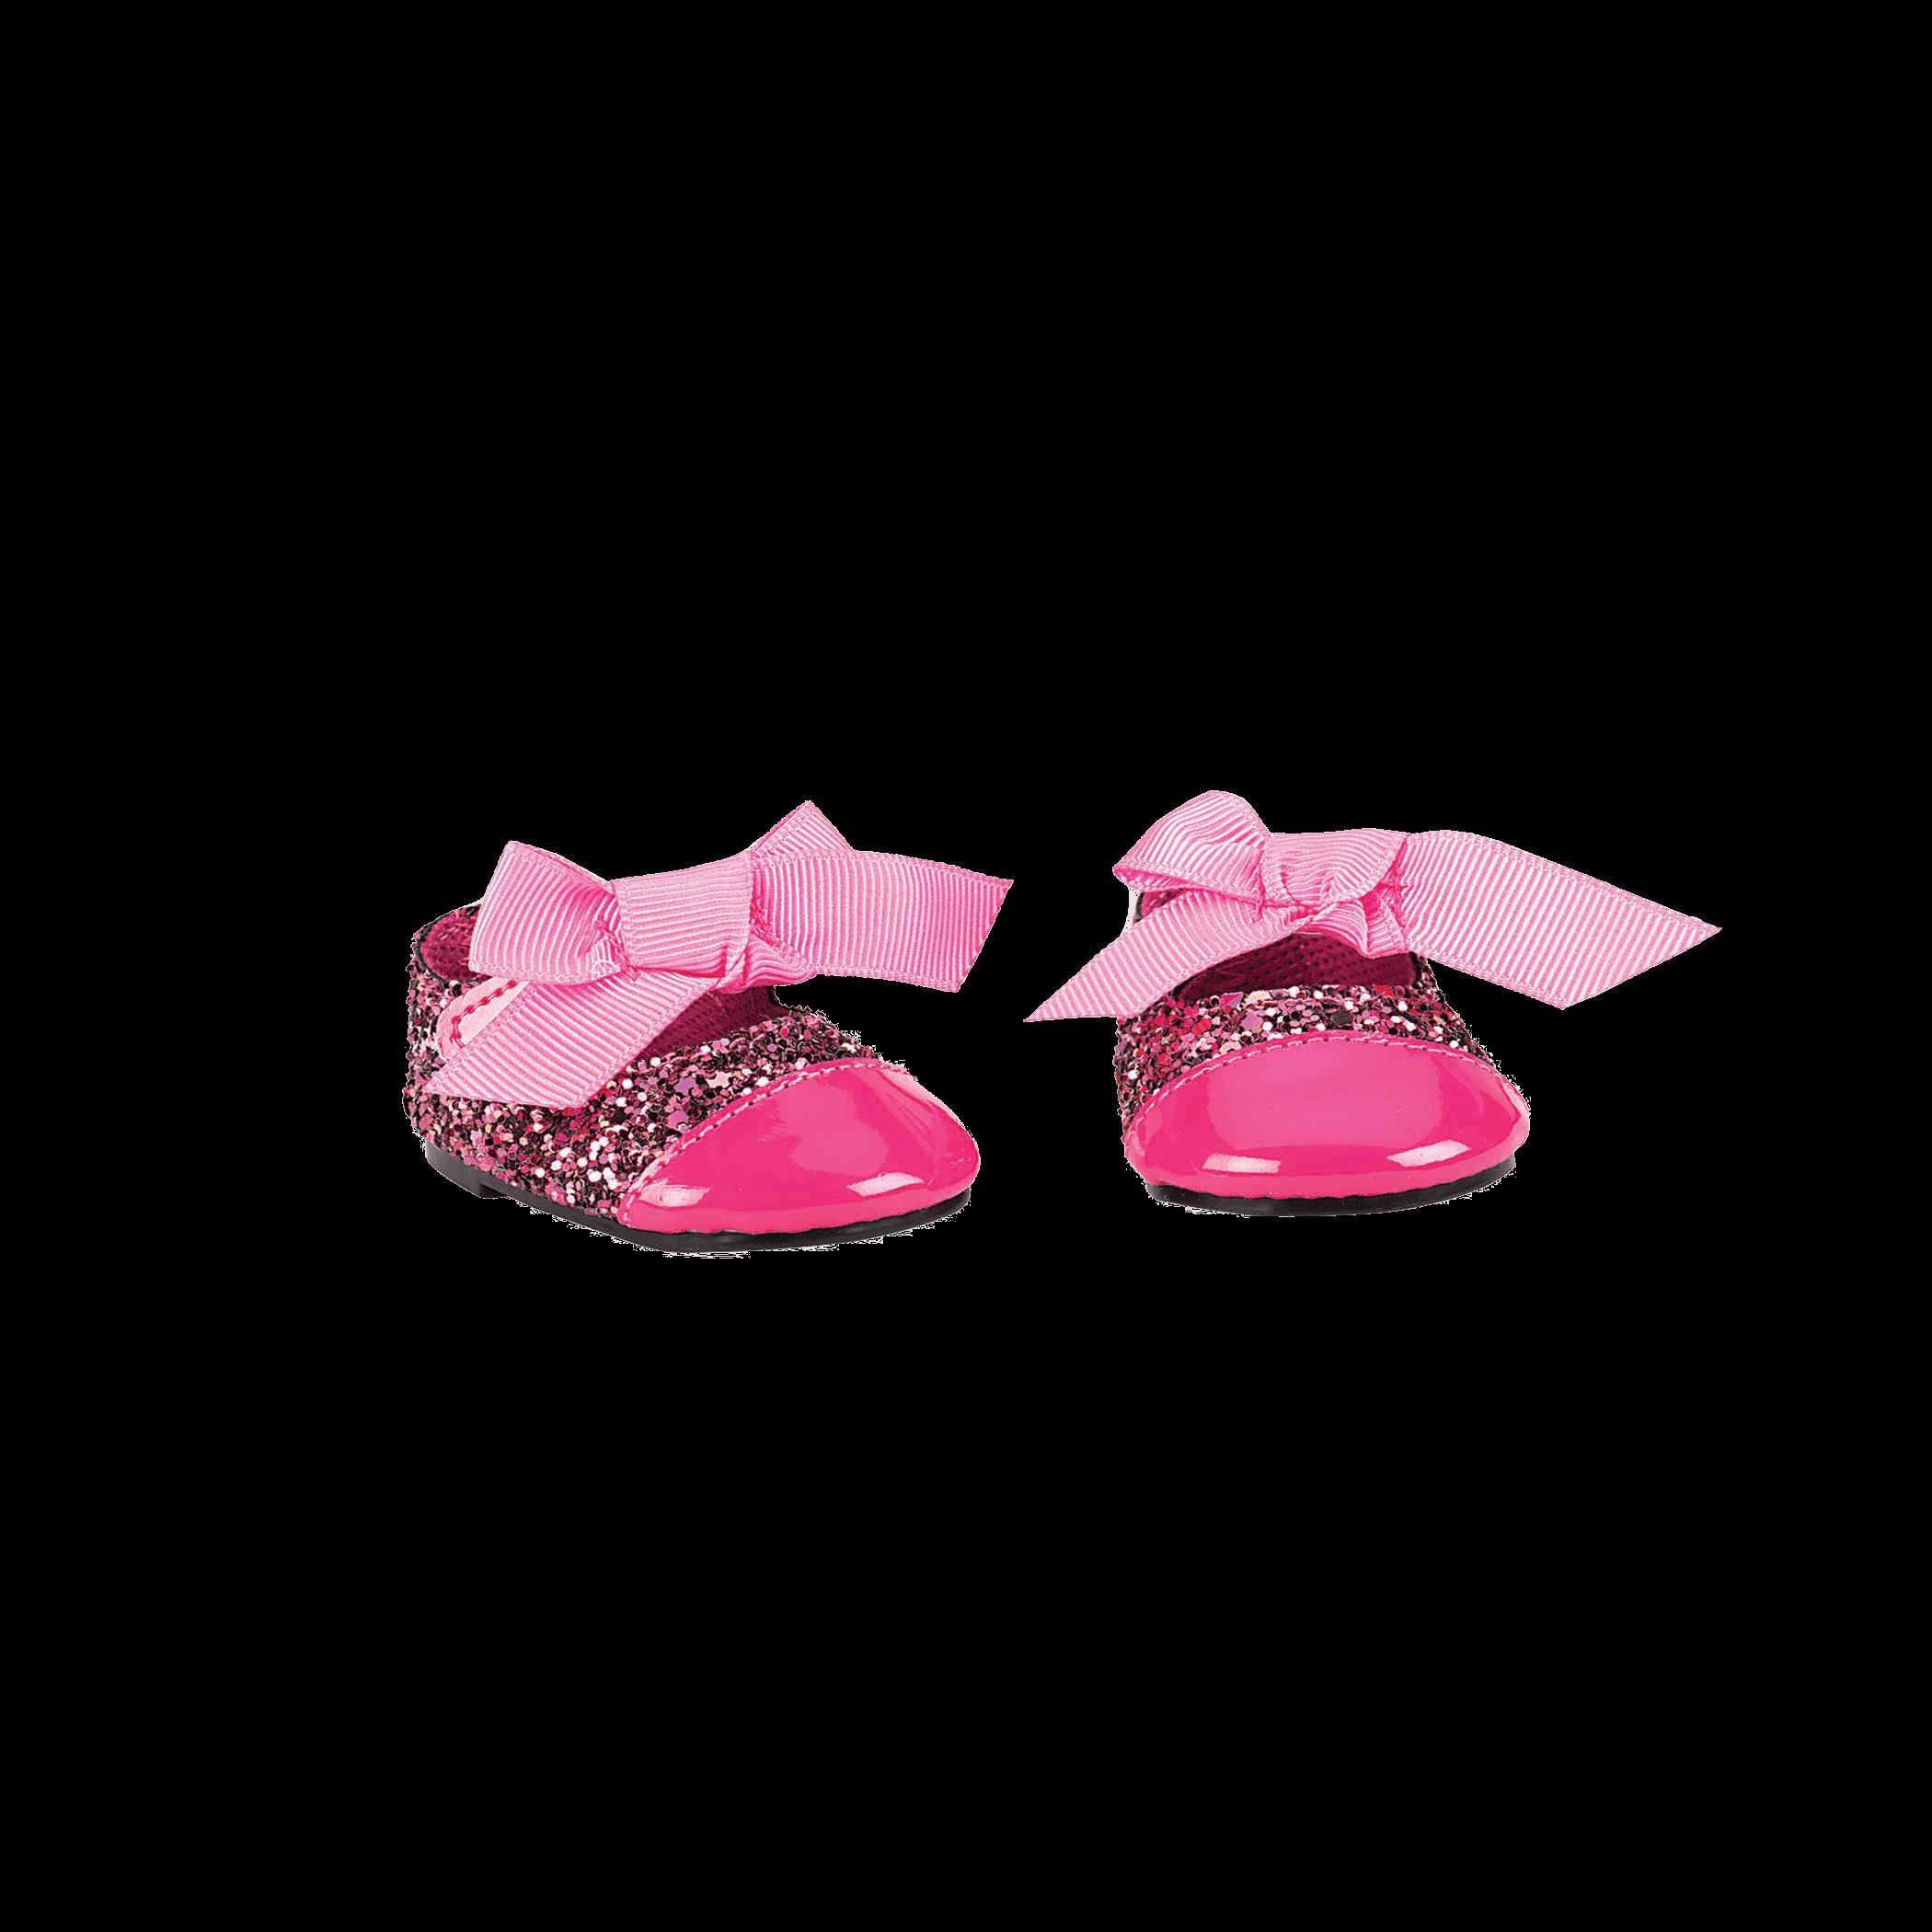 Glittering Fuchsia Fashion Shoes for 18-inch Dolls